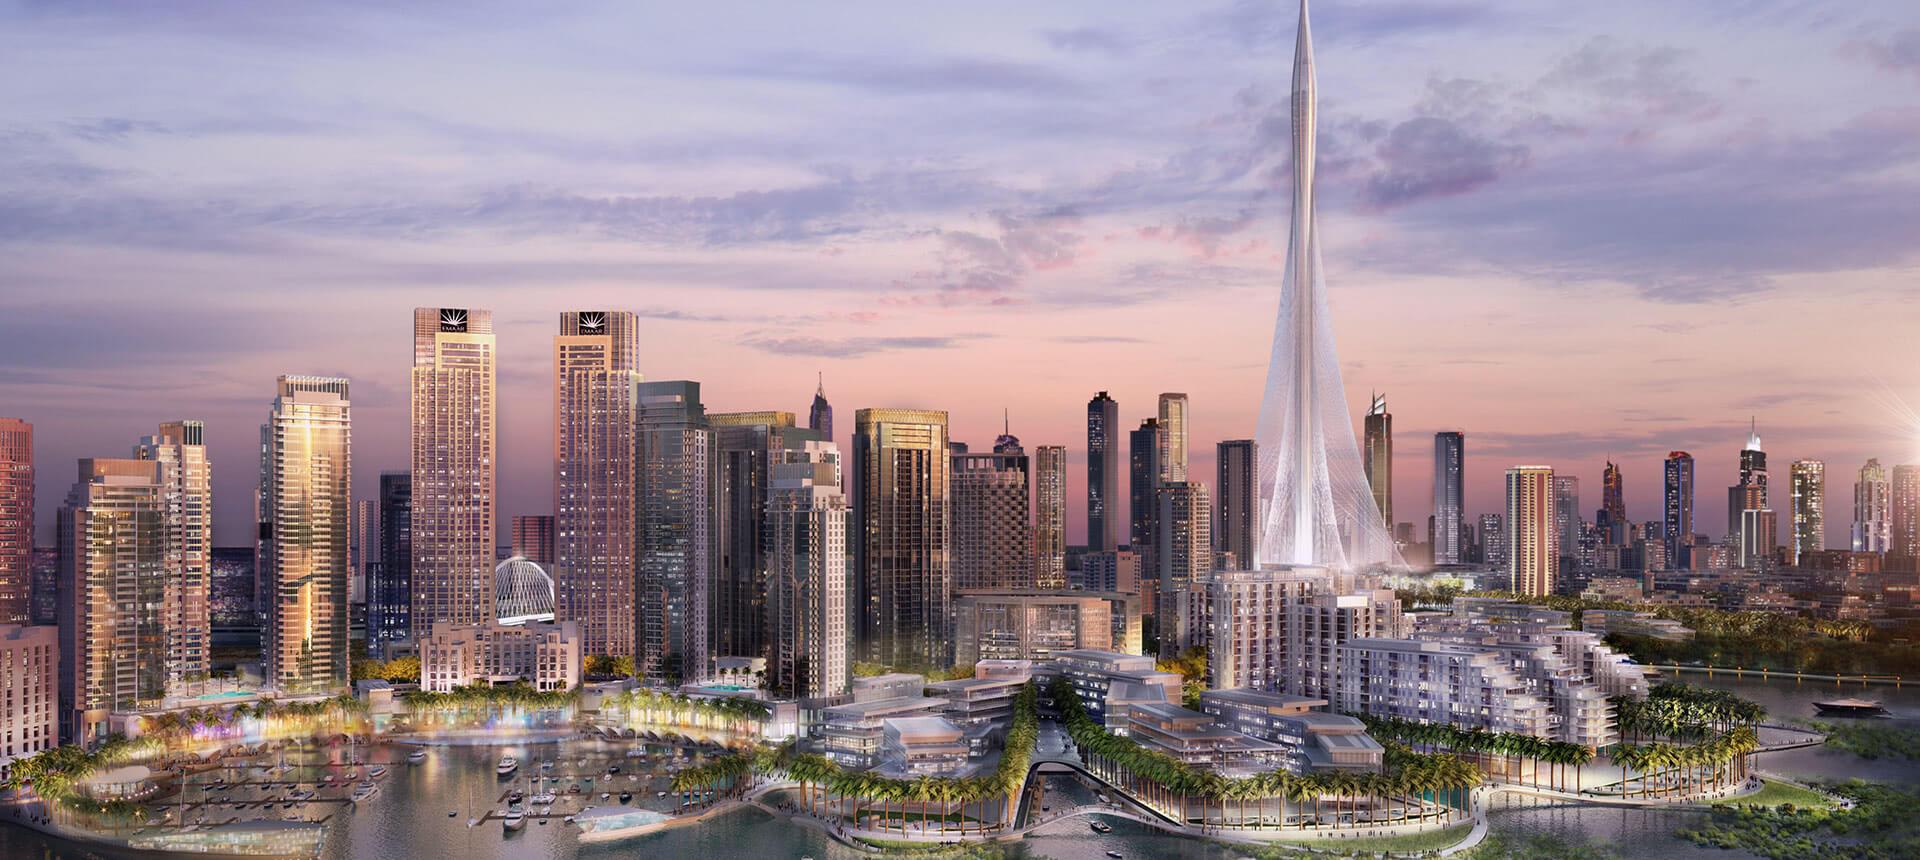 Dubai creek harbour callisonrtkl for Nearest hotel to dubai design district